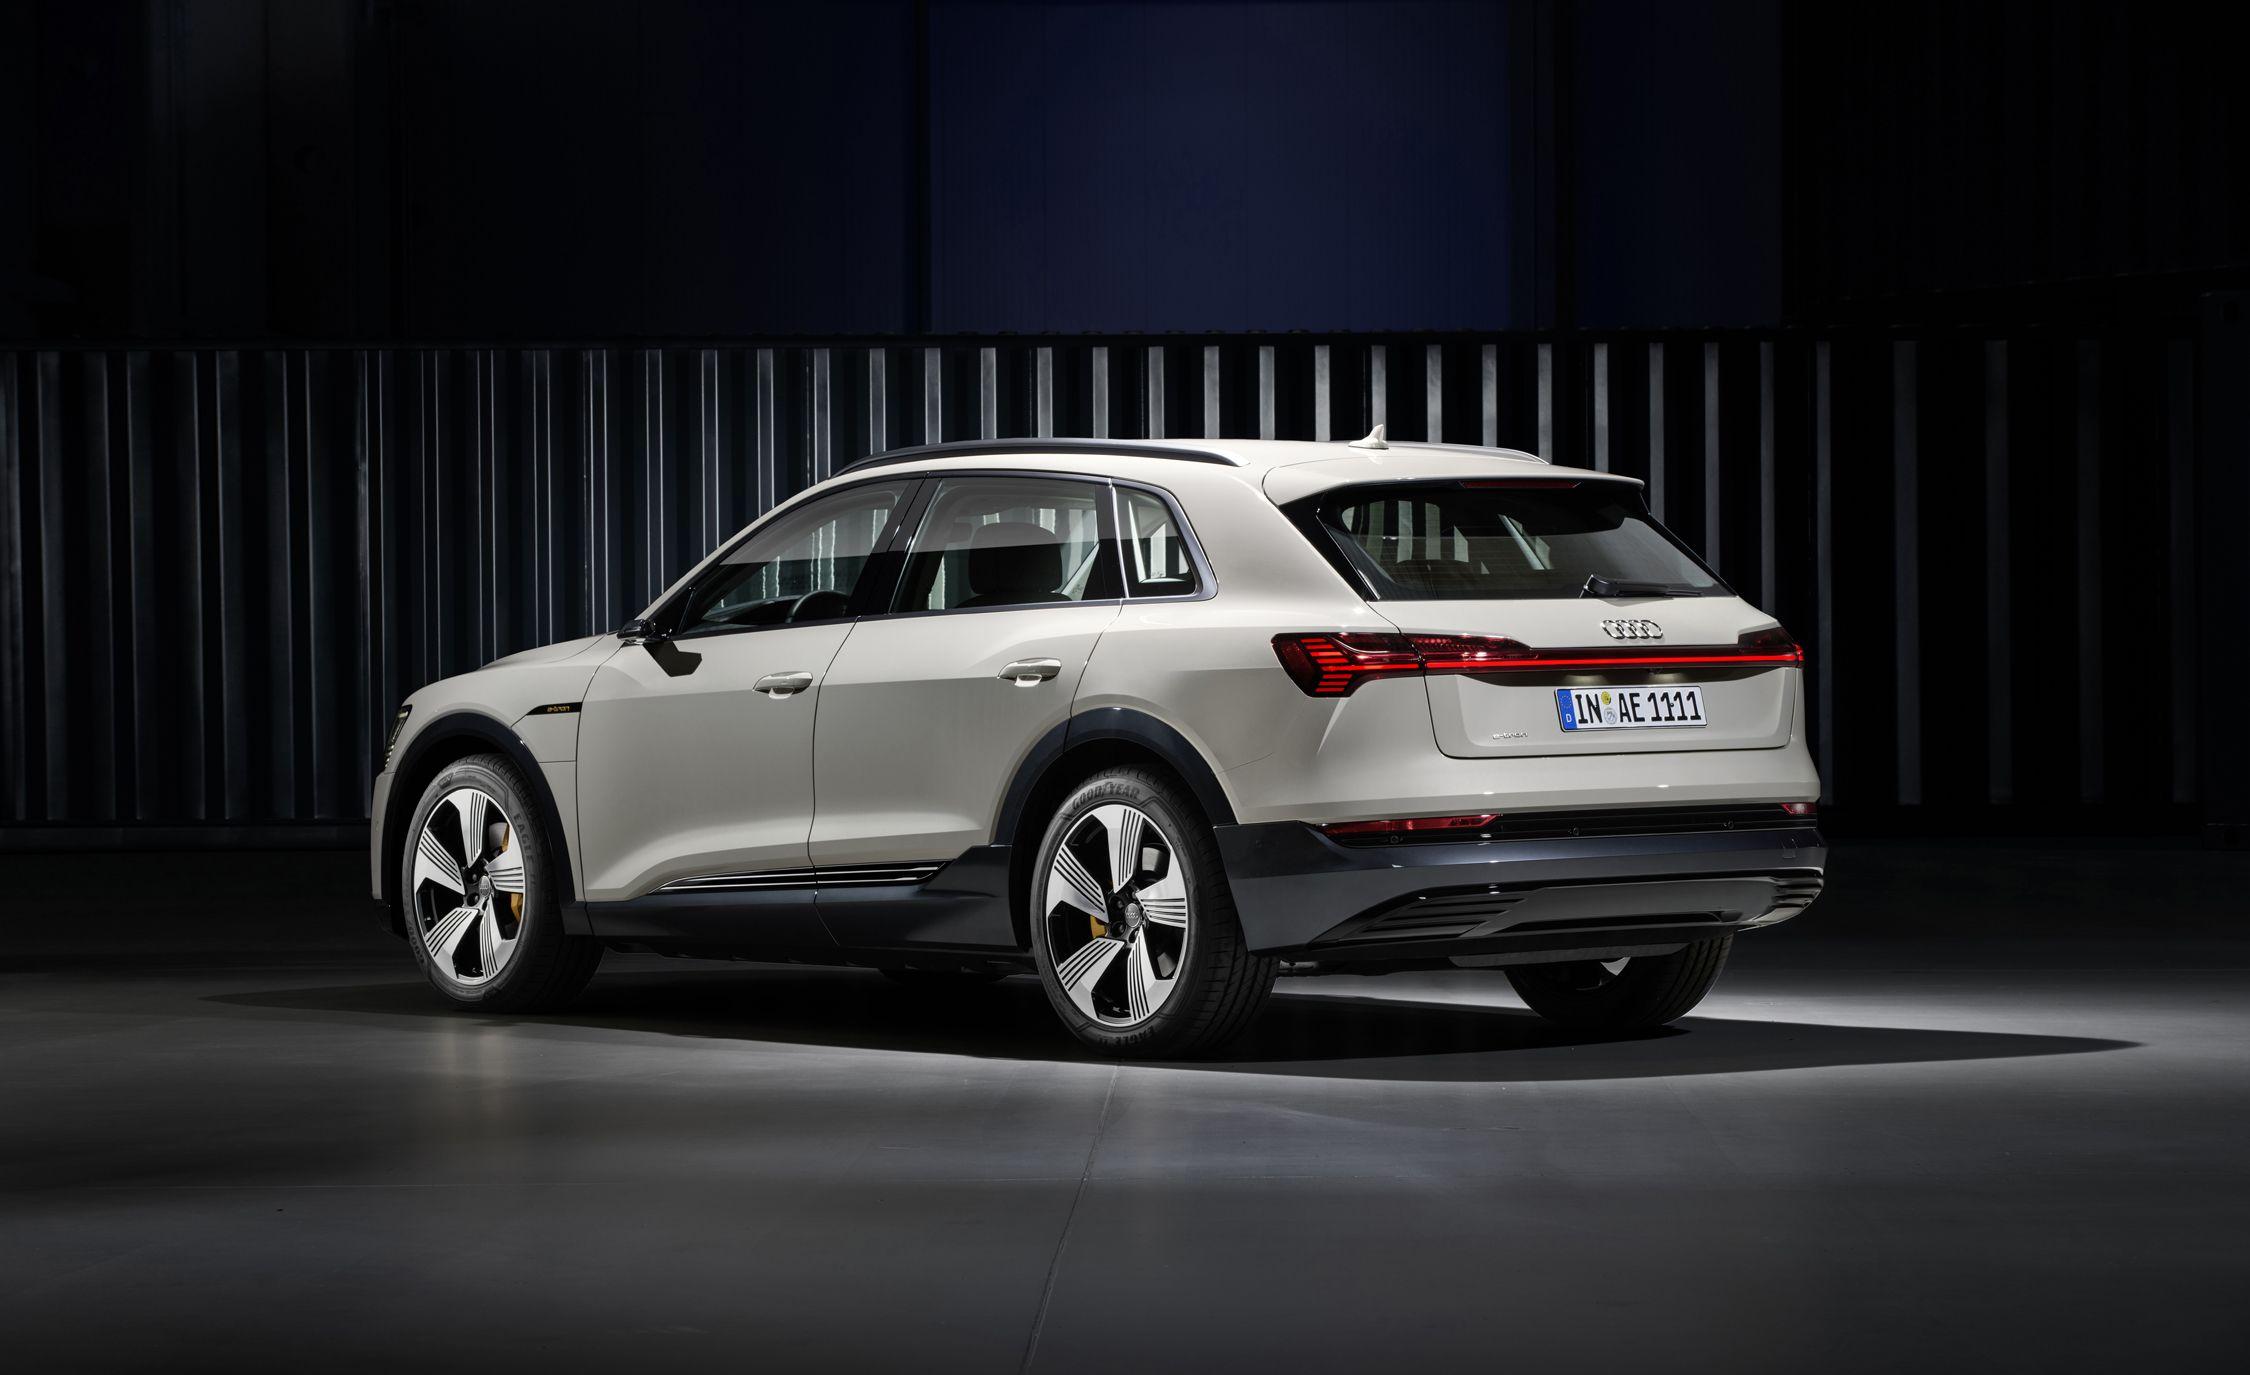 Audi Prestige Vs Premium Plus >> 2019 Audi e-tron Will Not Be Stocked in Dealerships